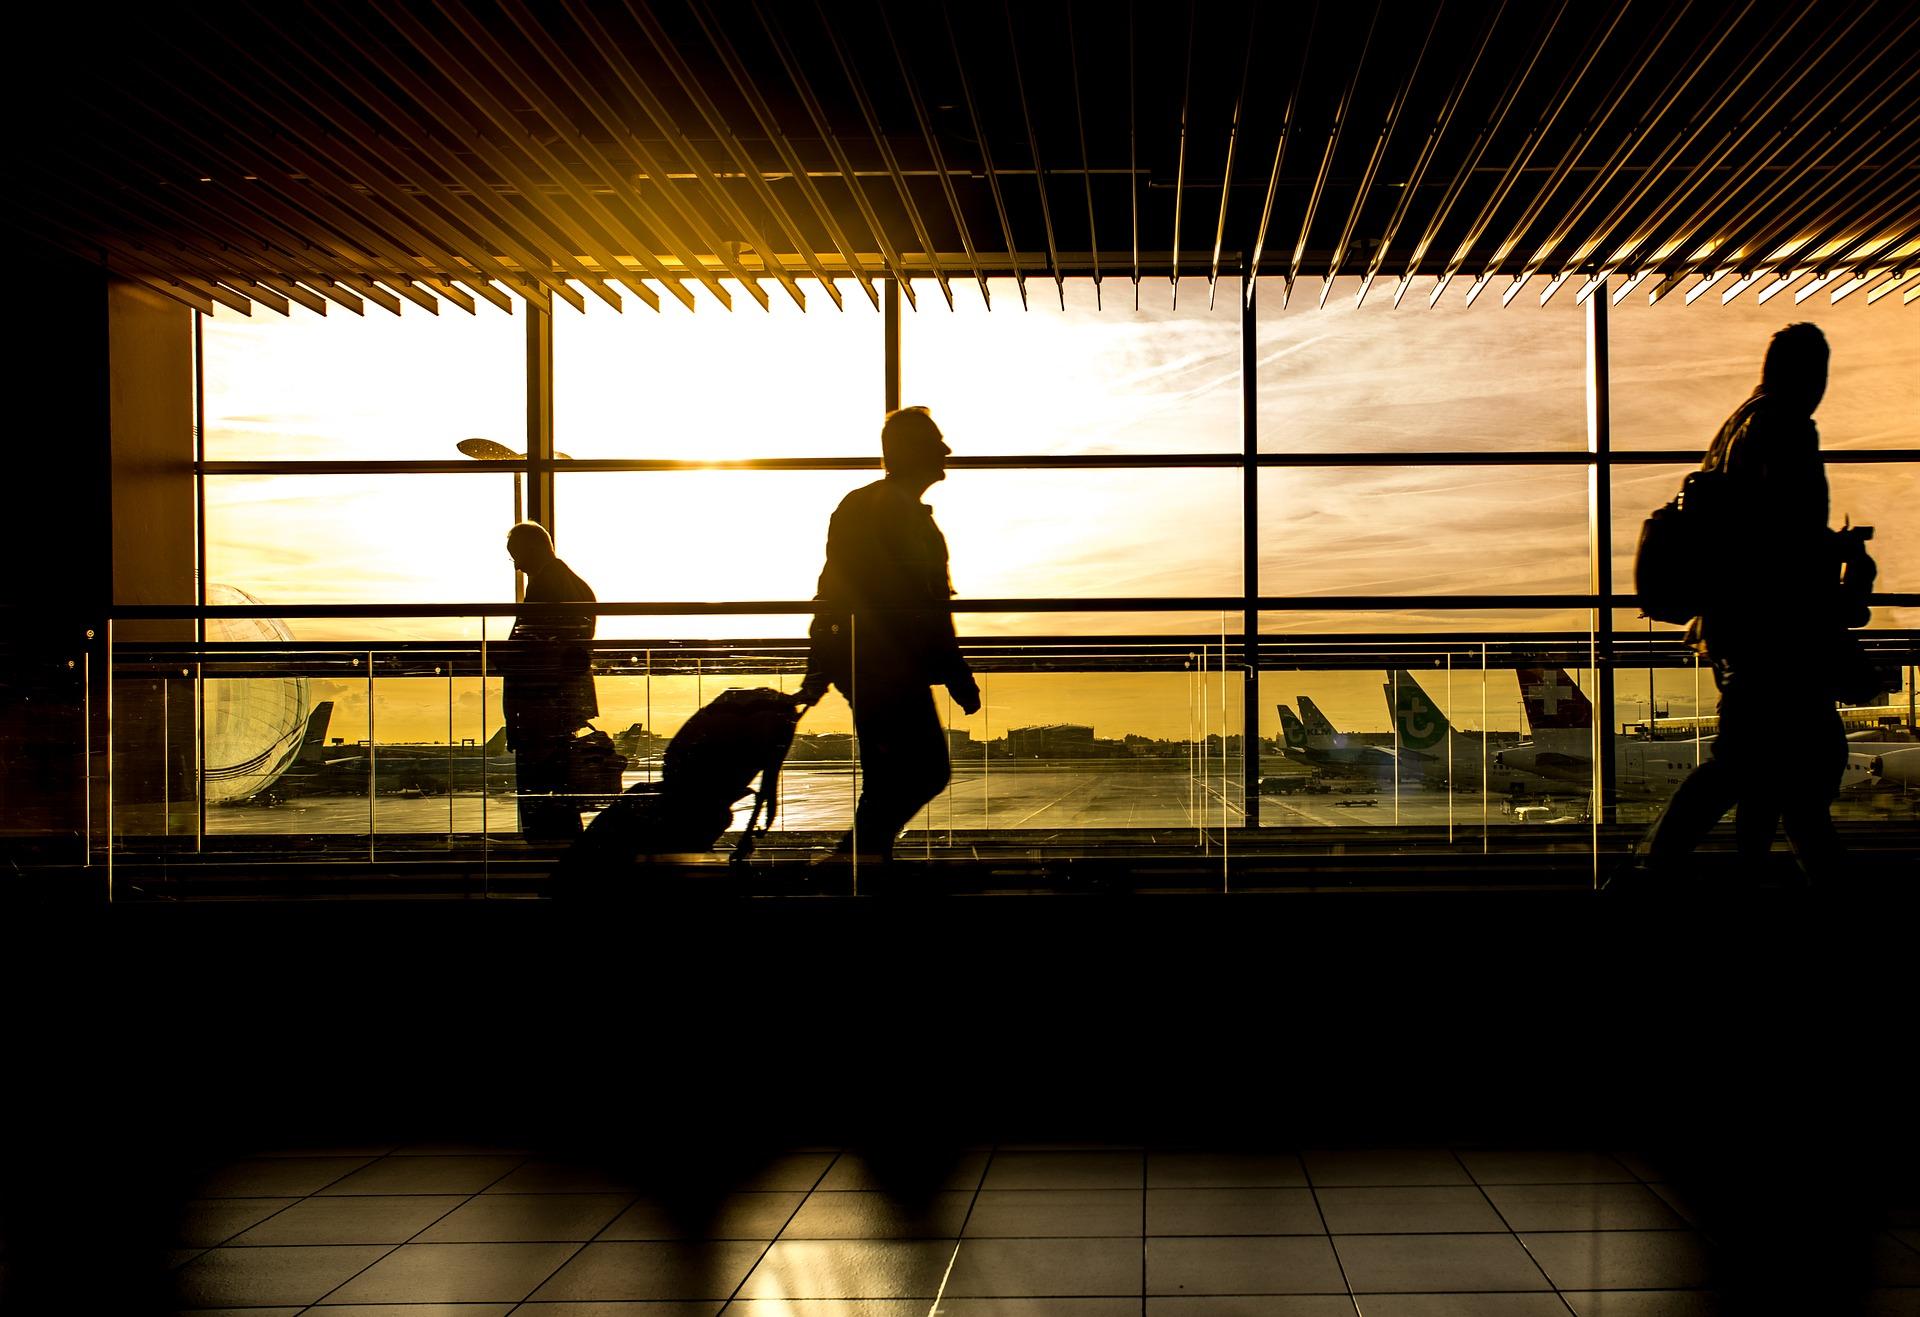 flykompensation, flyrettigheder, har jeg ret til flykompensation, fly forsinket, fly aflyst, fly overbooket, kappadokien, rejsetips, flypenge